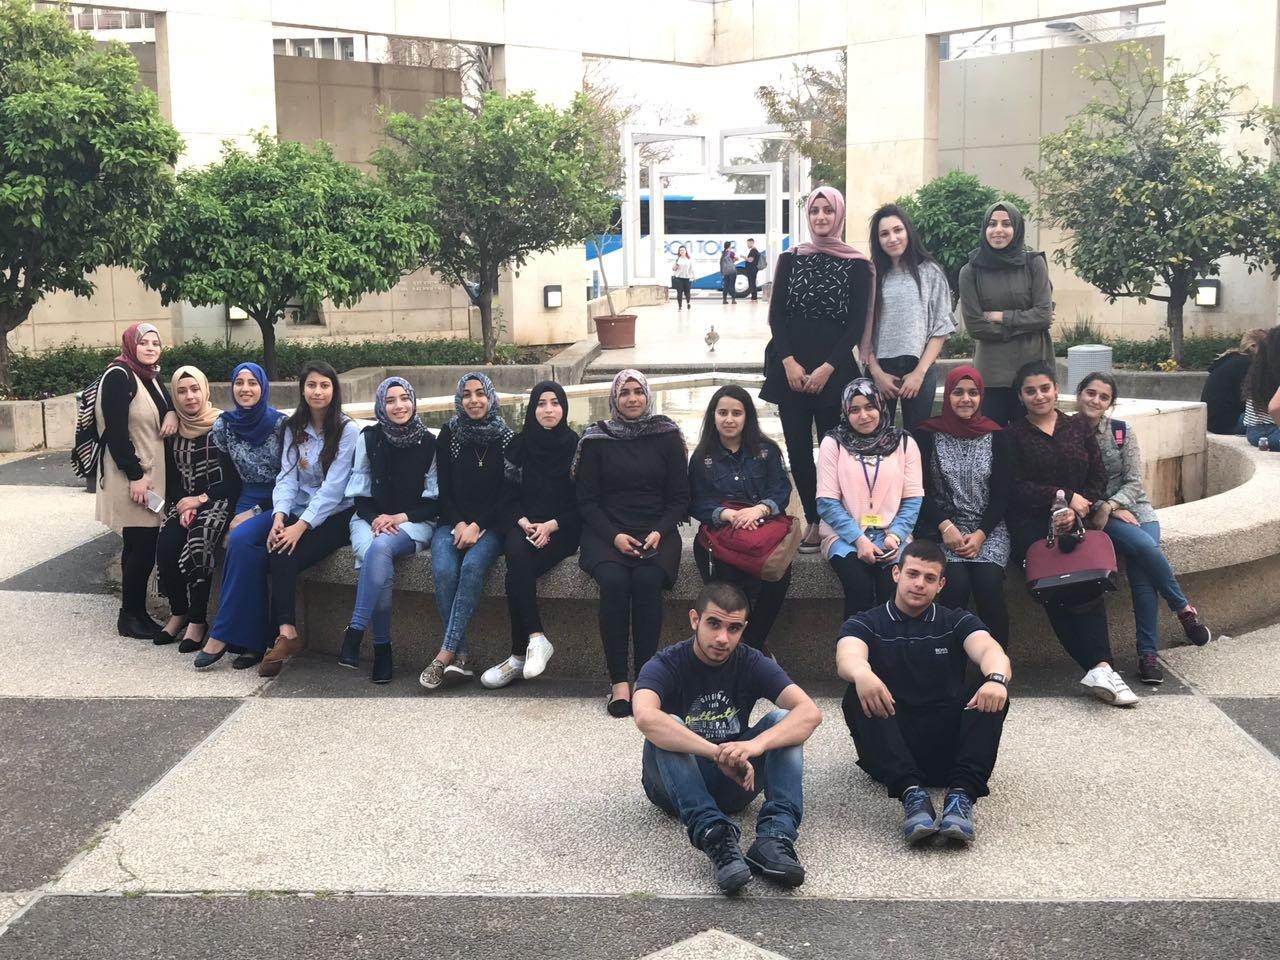 ثانوية كفرقاسم الجديدة في جامعة تل ابيب